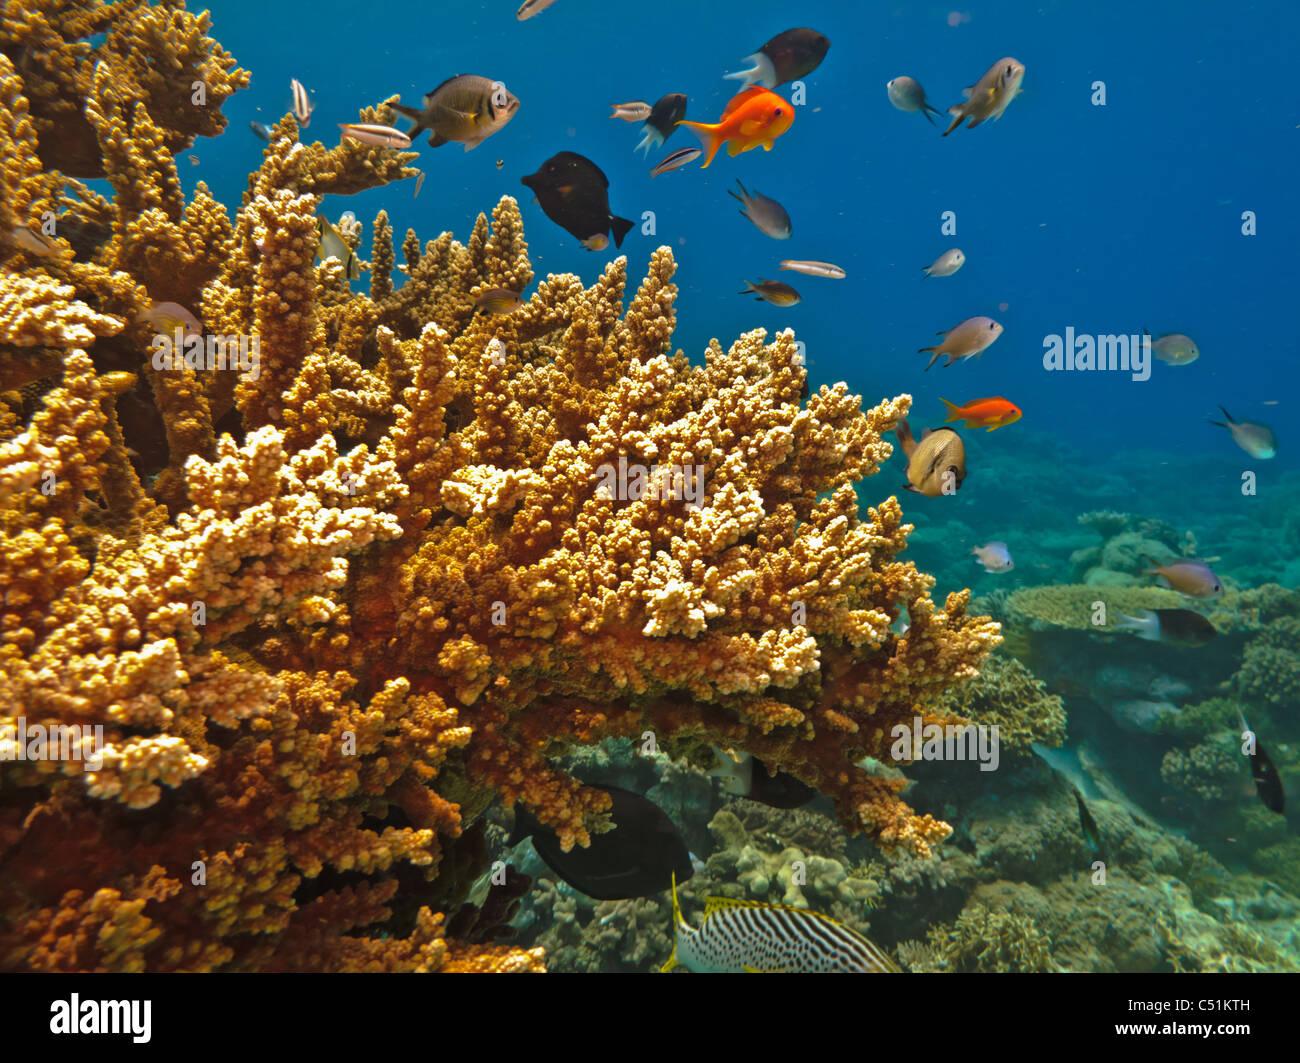 Stony Coral Kolonien und einer Vielzahl bunter Fische am Great Barrier Reef Australien Stockfoto